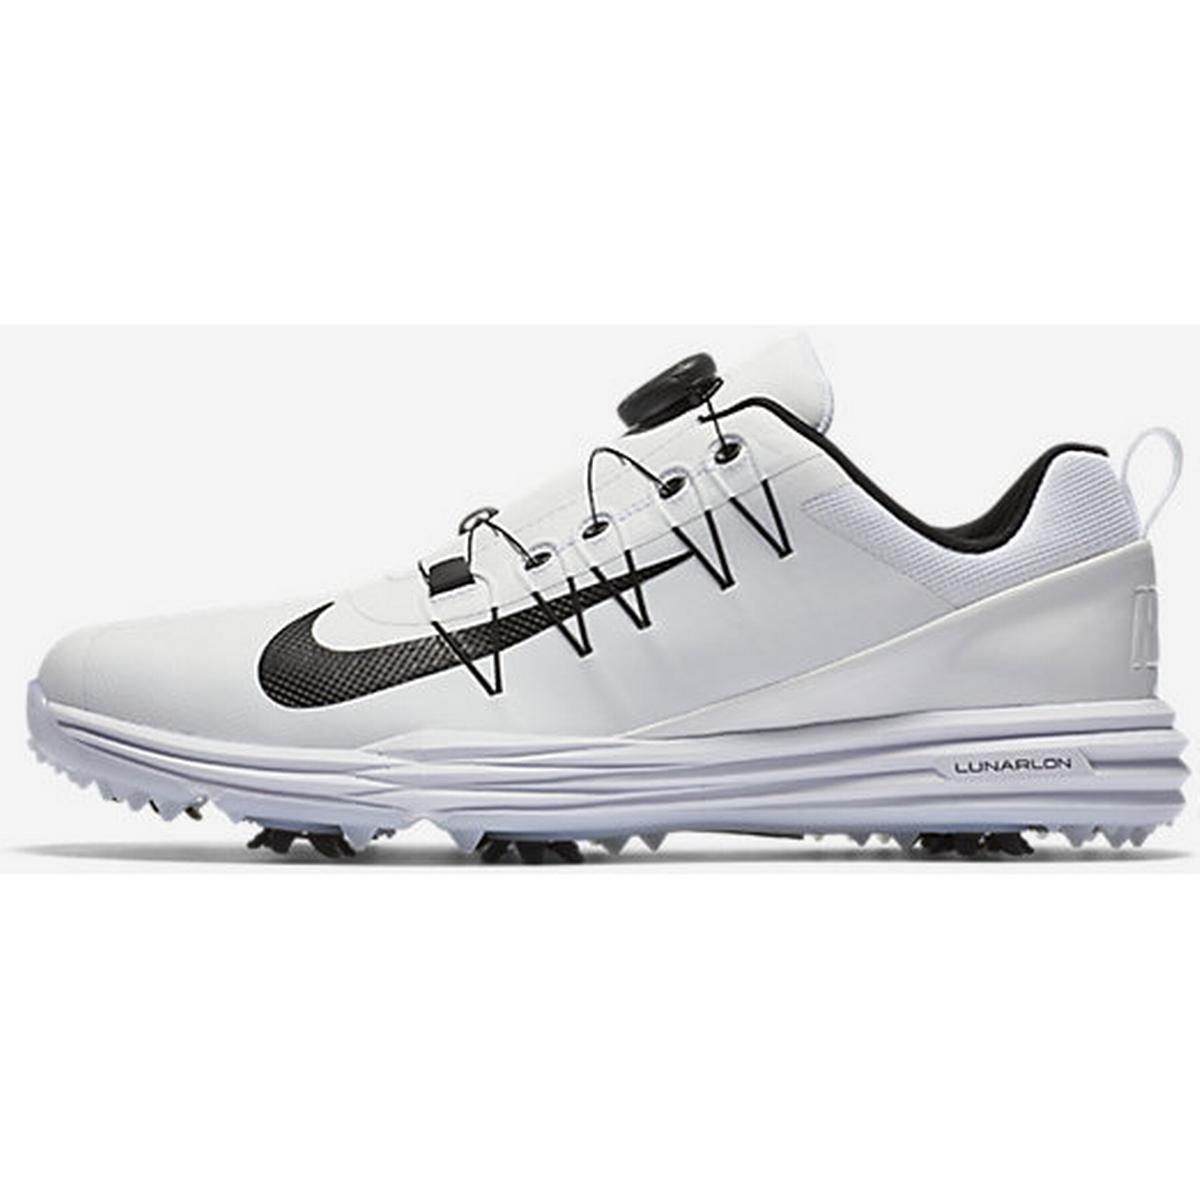 668725efda Golfskor - Jämför priser på golf sko PriceRunner